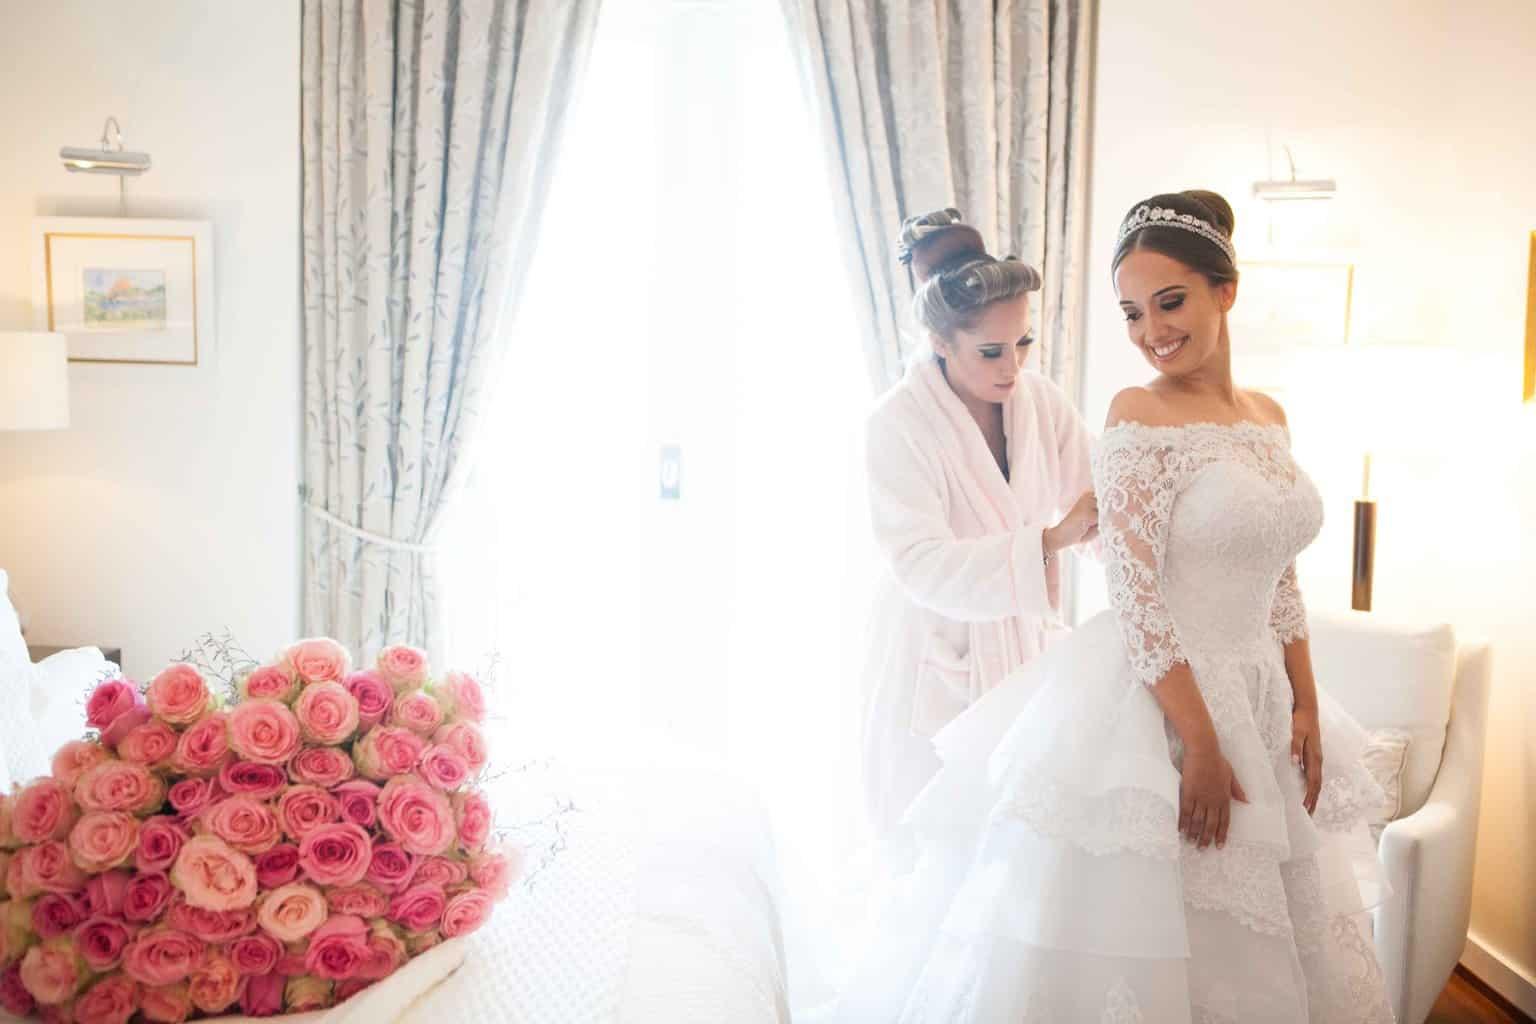 Casamento-Clássico-Casamento-tradicional-Copacabana-Palace-Monica-Roias-Ribas-Foto-e-Vídeo-Tuanny-e-Bernardo-Vestindo-CaseMe